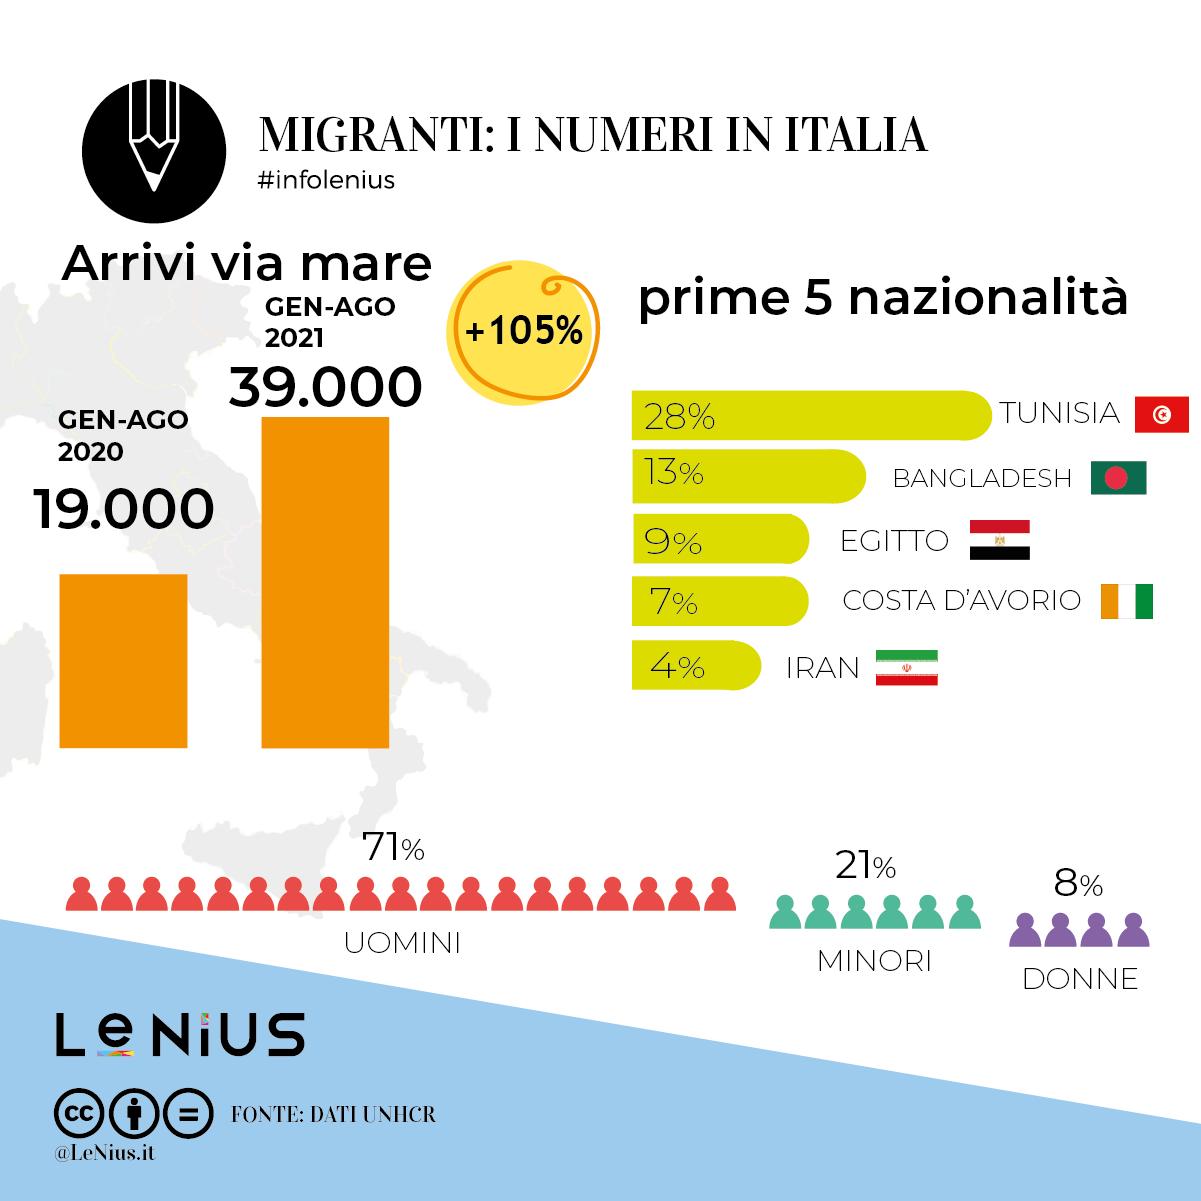 arrivi italia agosto 2021